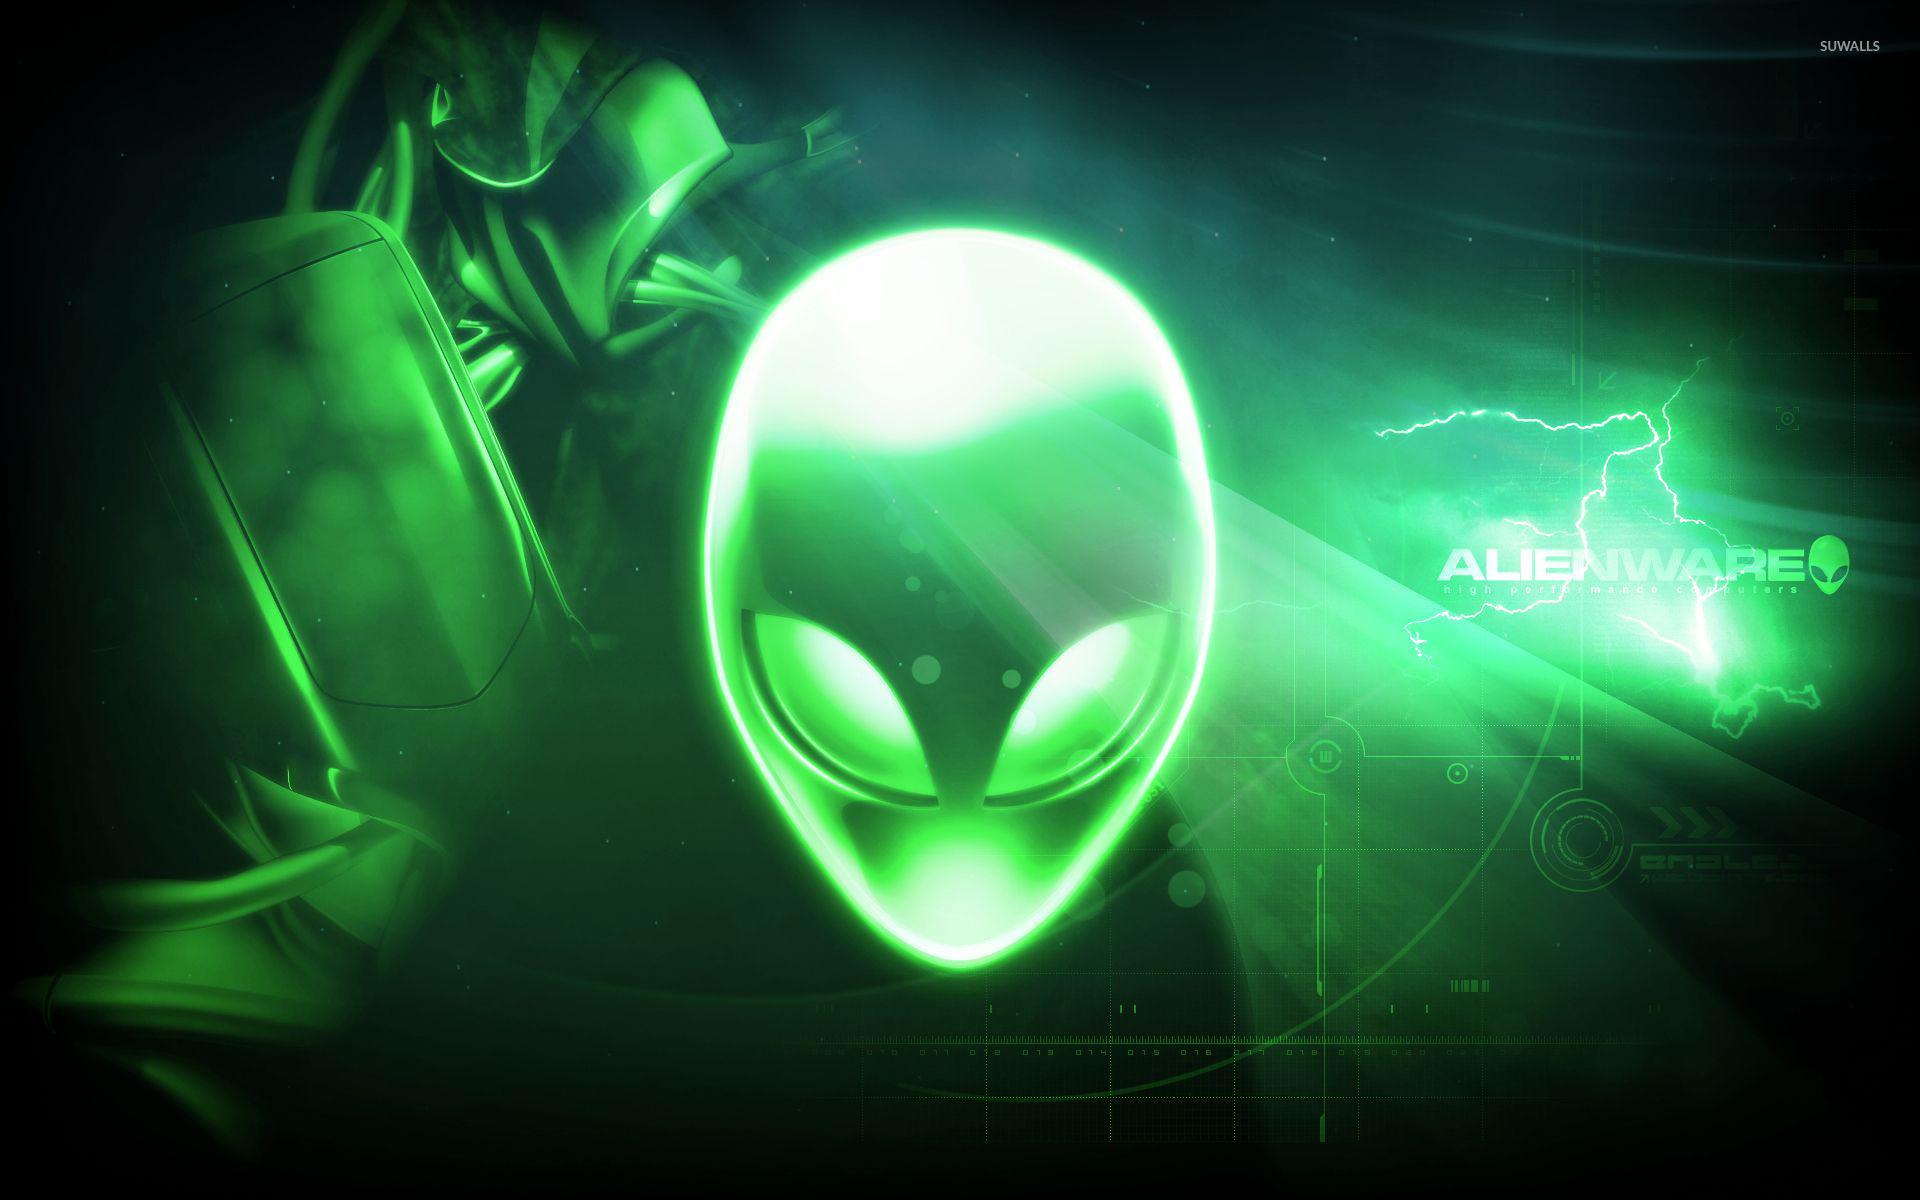 alienware 17 wallpaper - photo #6